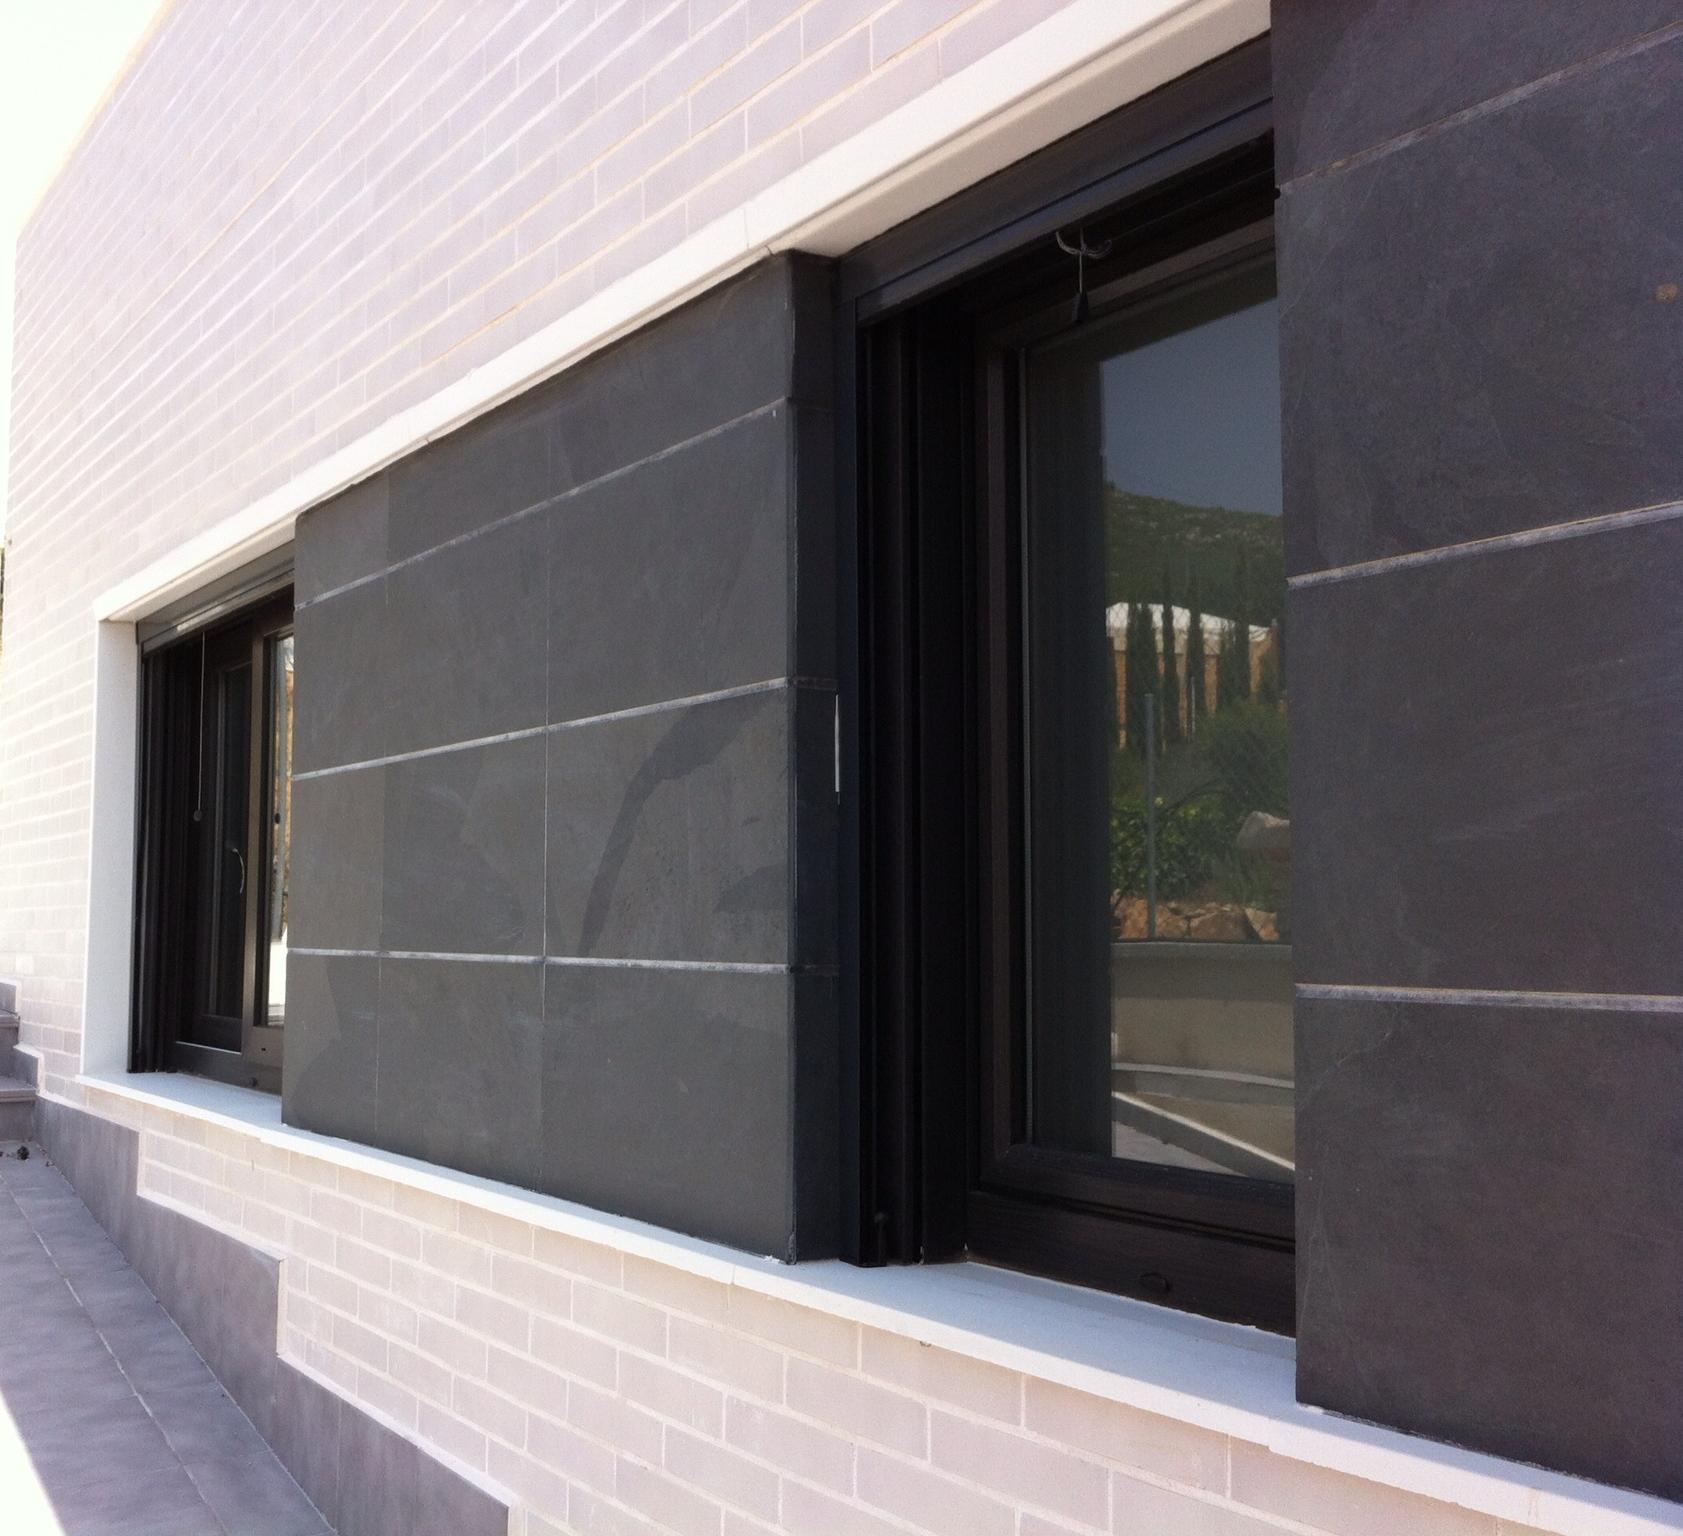 Foto 26 de Carpintería de aluminio, metálica y PVC en Valencia | Nuevo Estilo